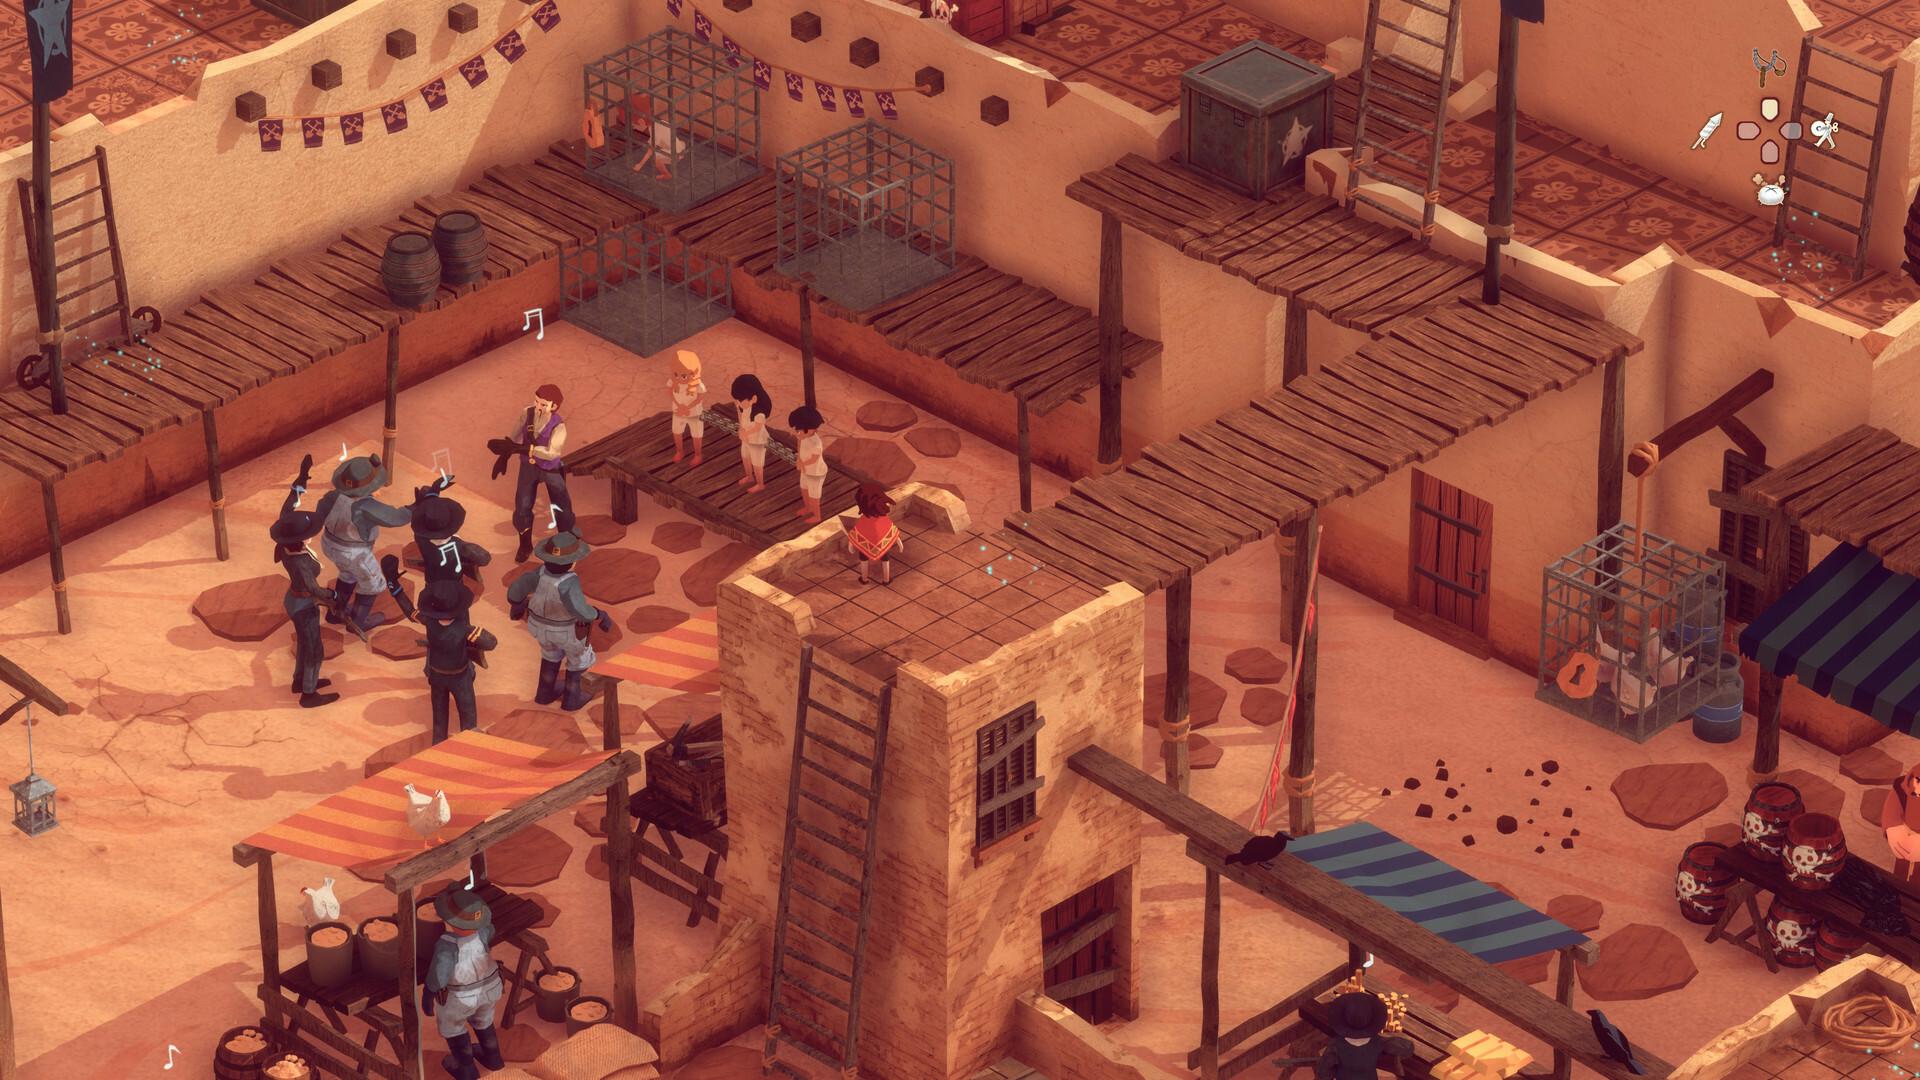 el-hijo-a-wild-west-tale-pc-screenshot-02